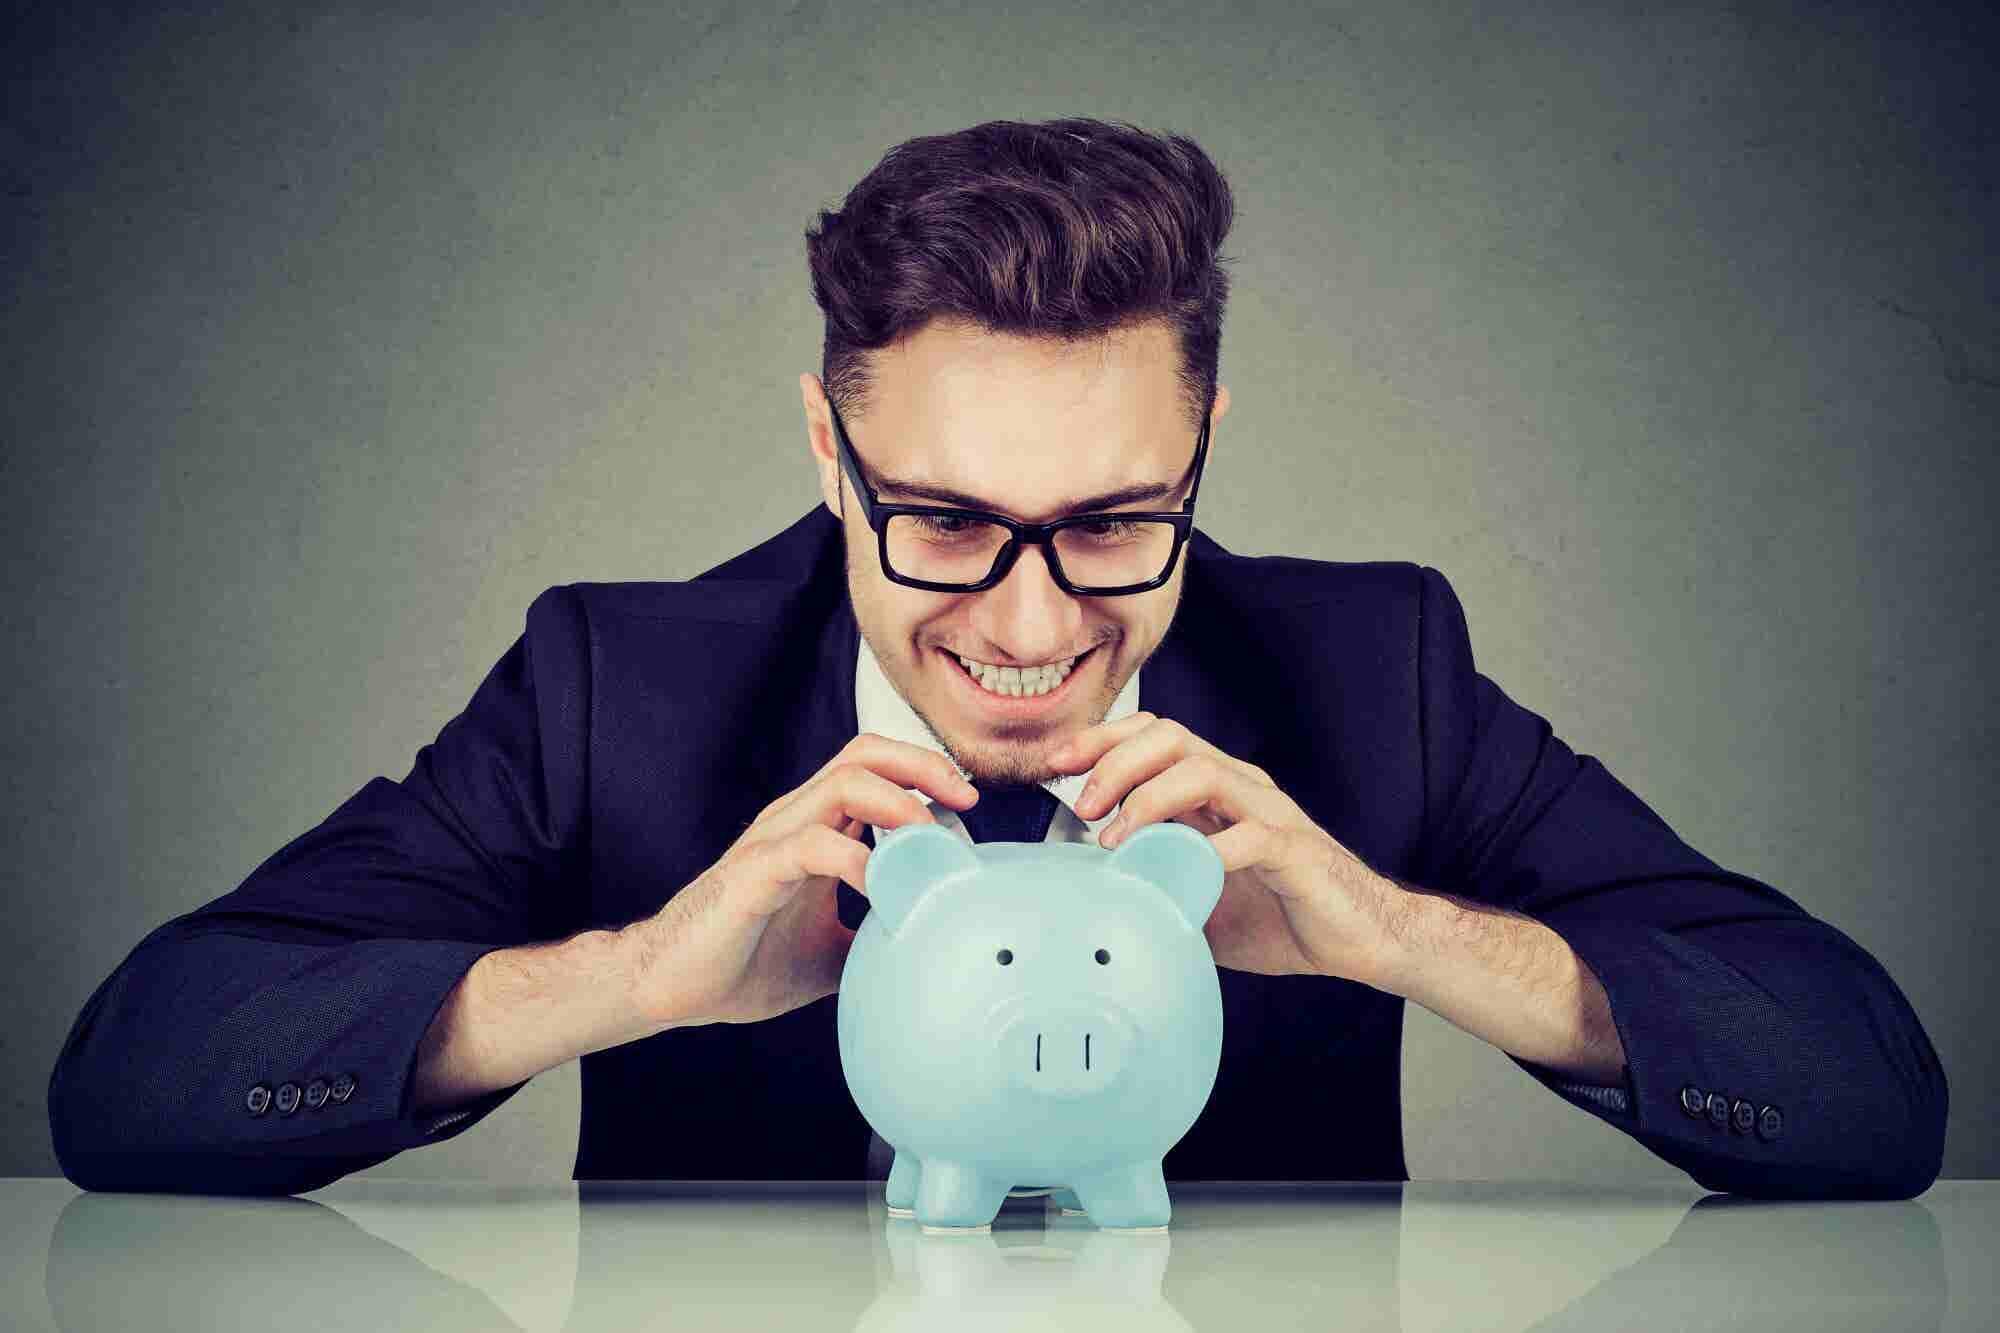 ¿El dinero es importante para todo?